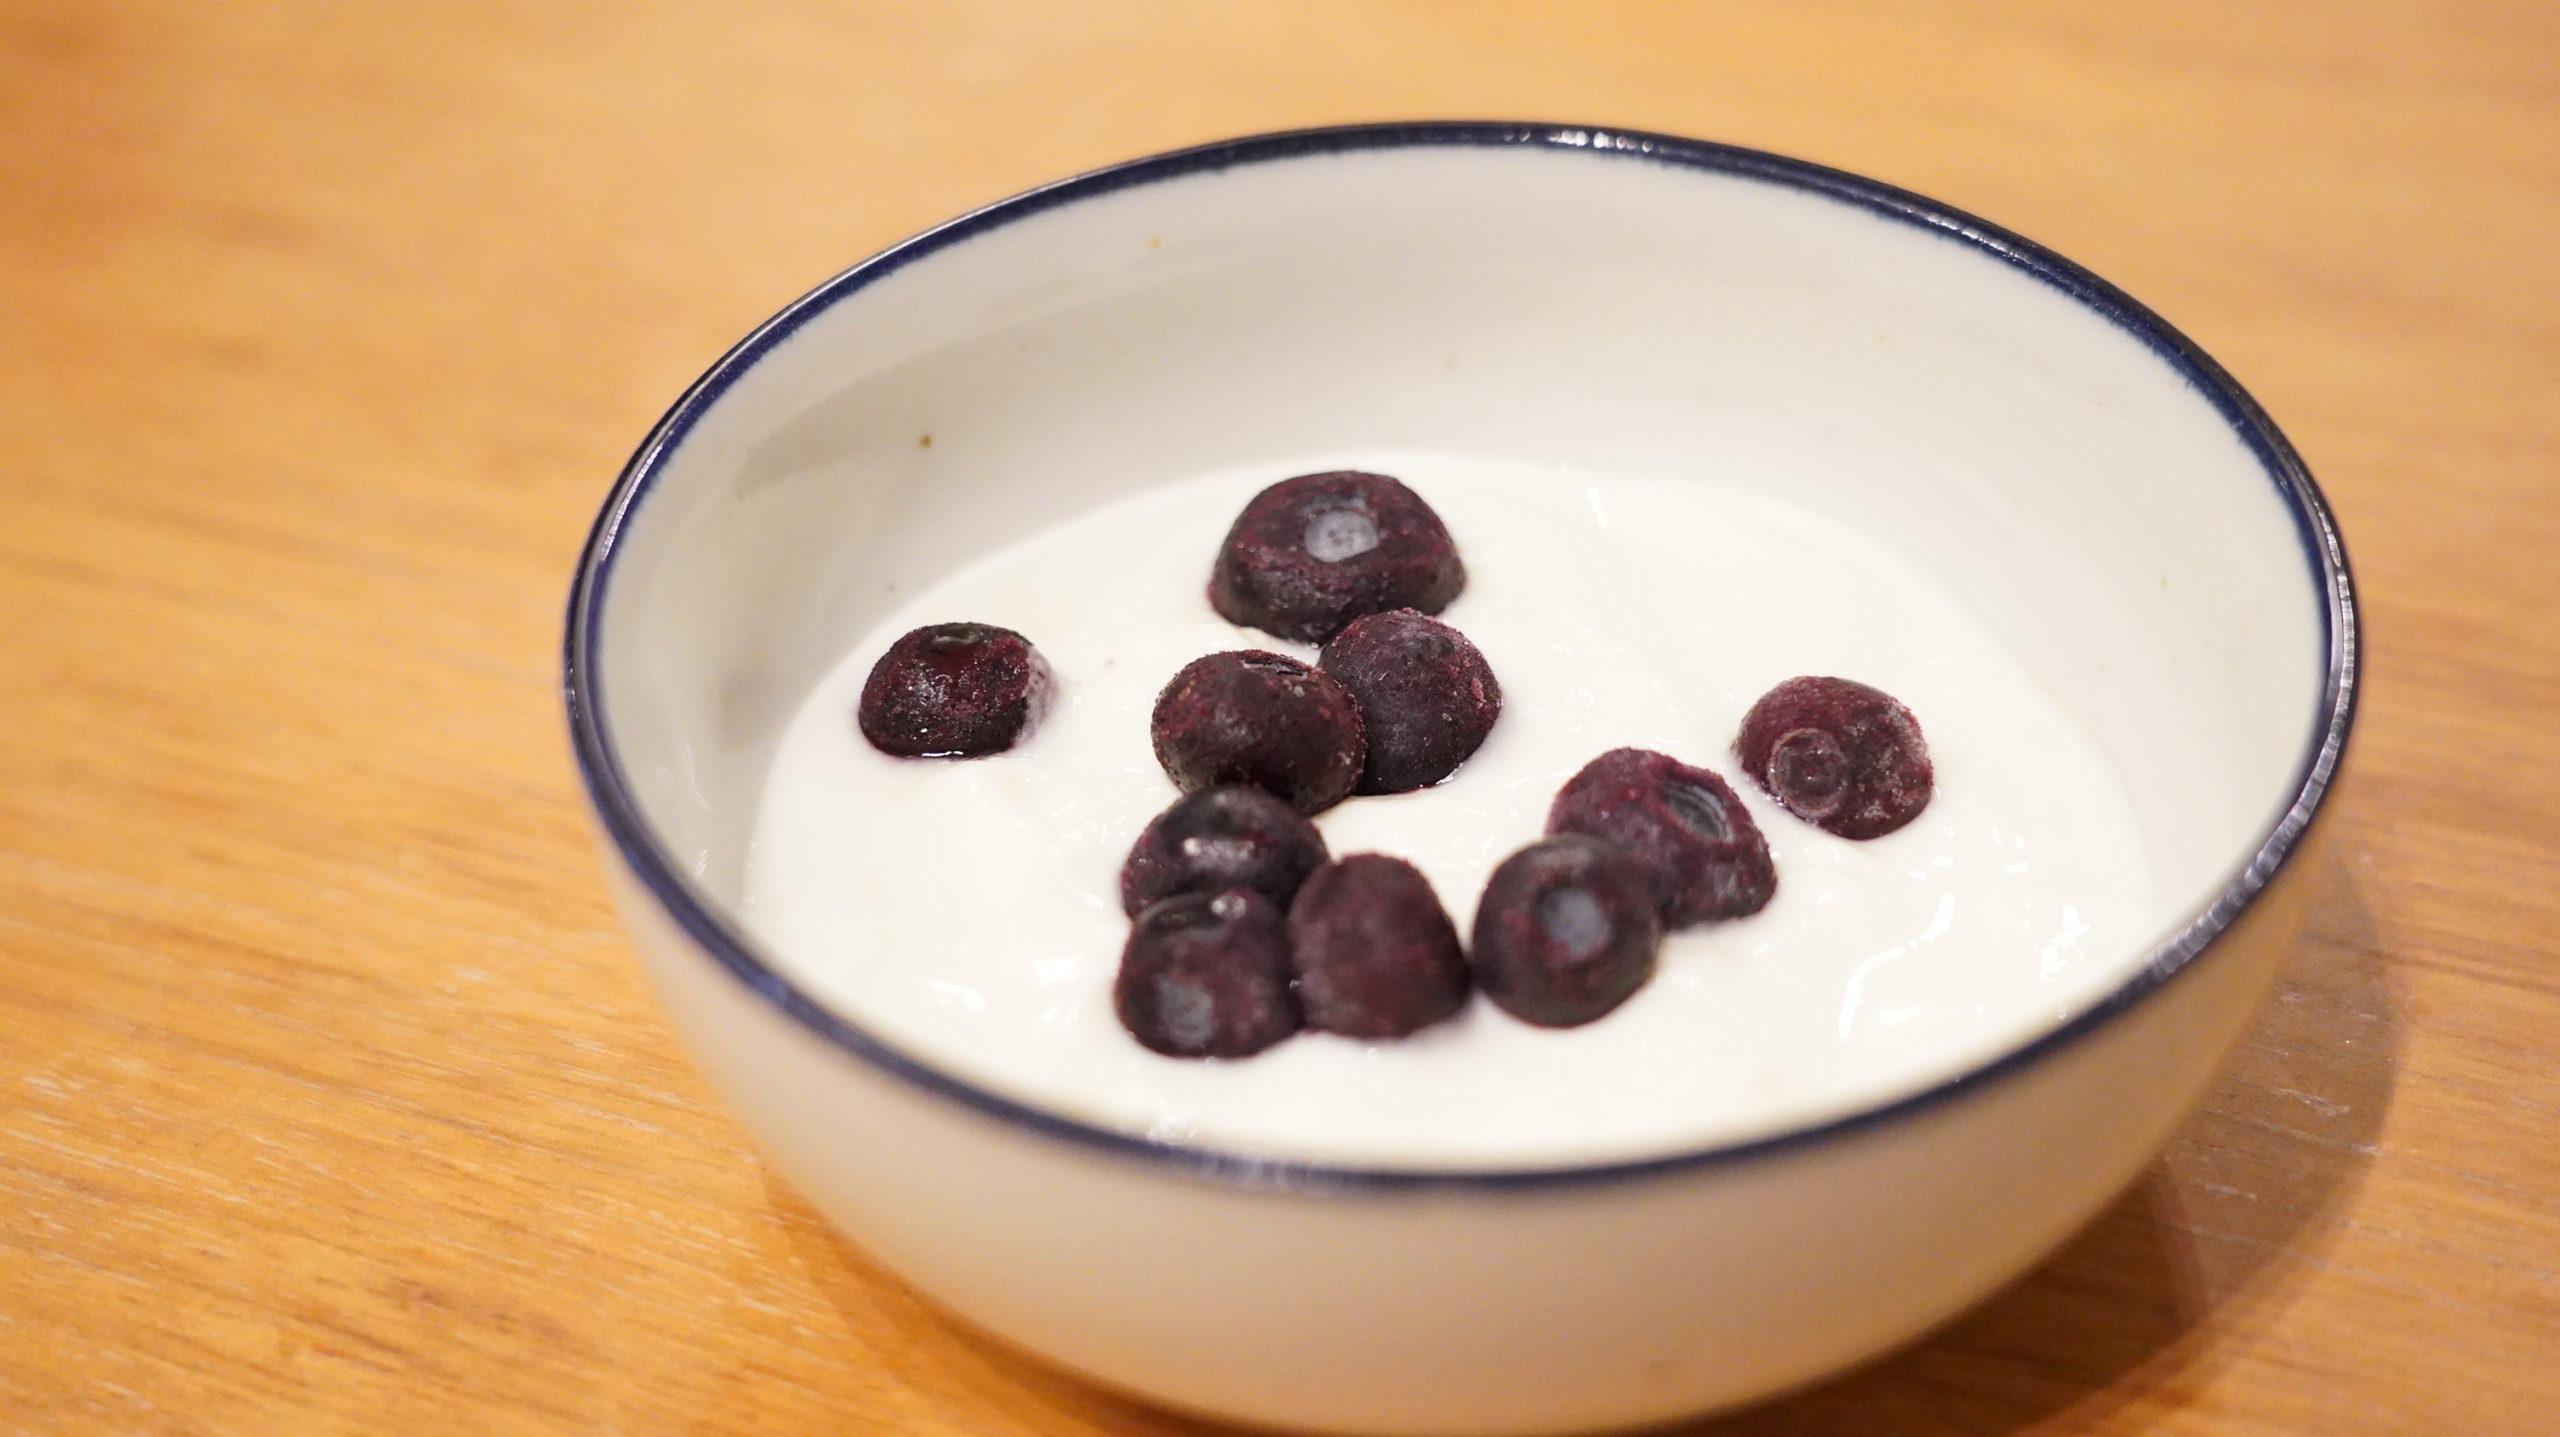 セブンイレブンの冷凍食品「ほどよい香りと酸味・ブルーベリー」をヨーグルトに入れた写真